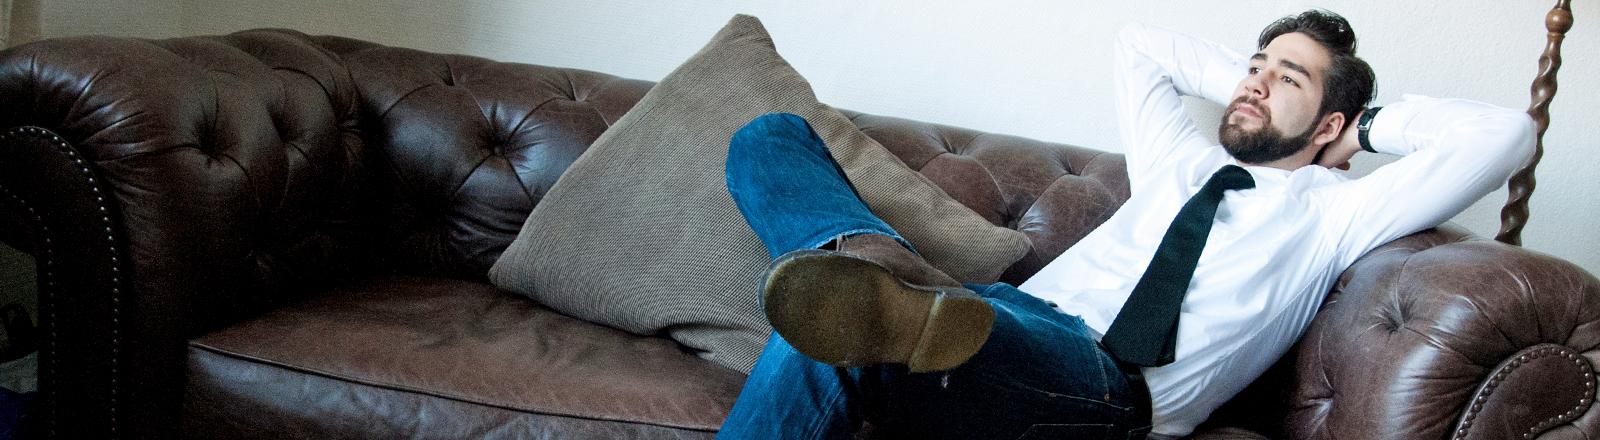 Ein Mann in Hemd und Krawatte faulenzt auf einem Sofa.